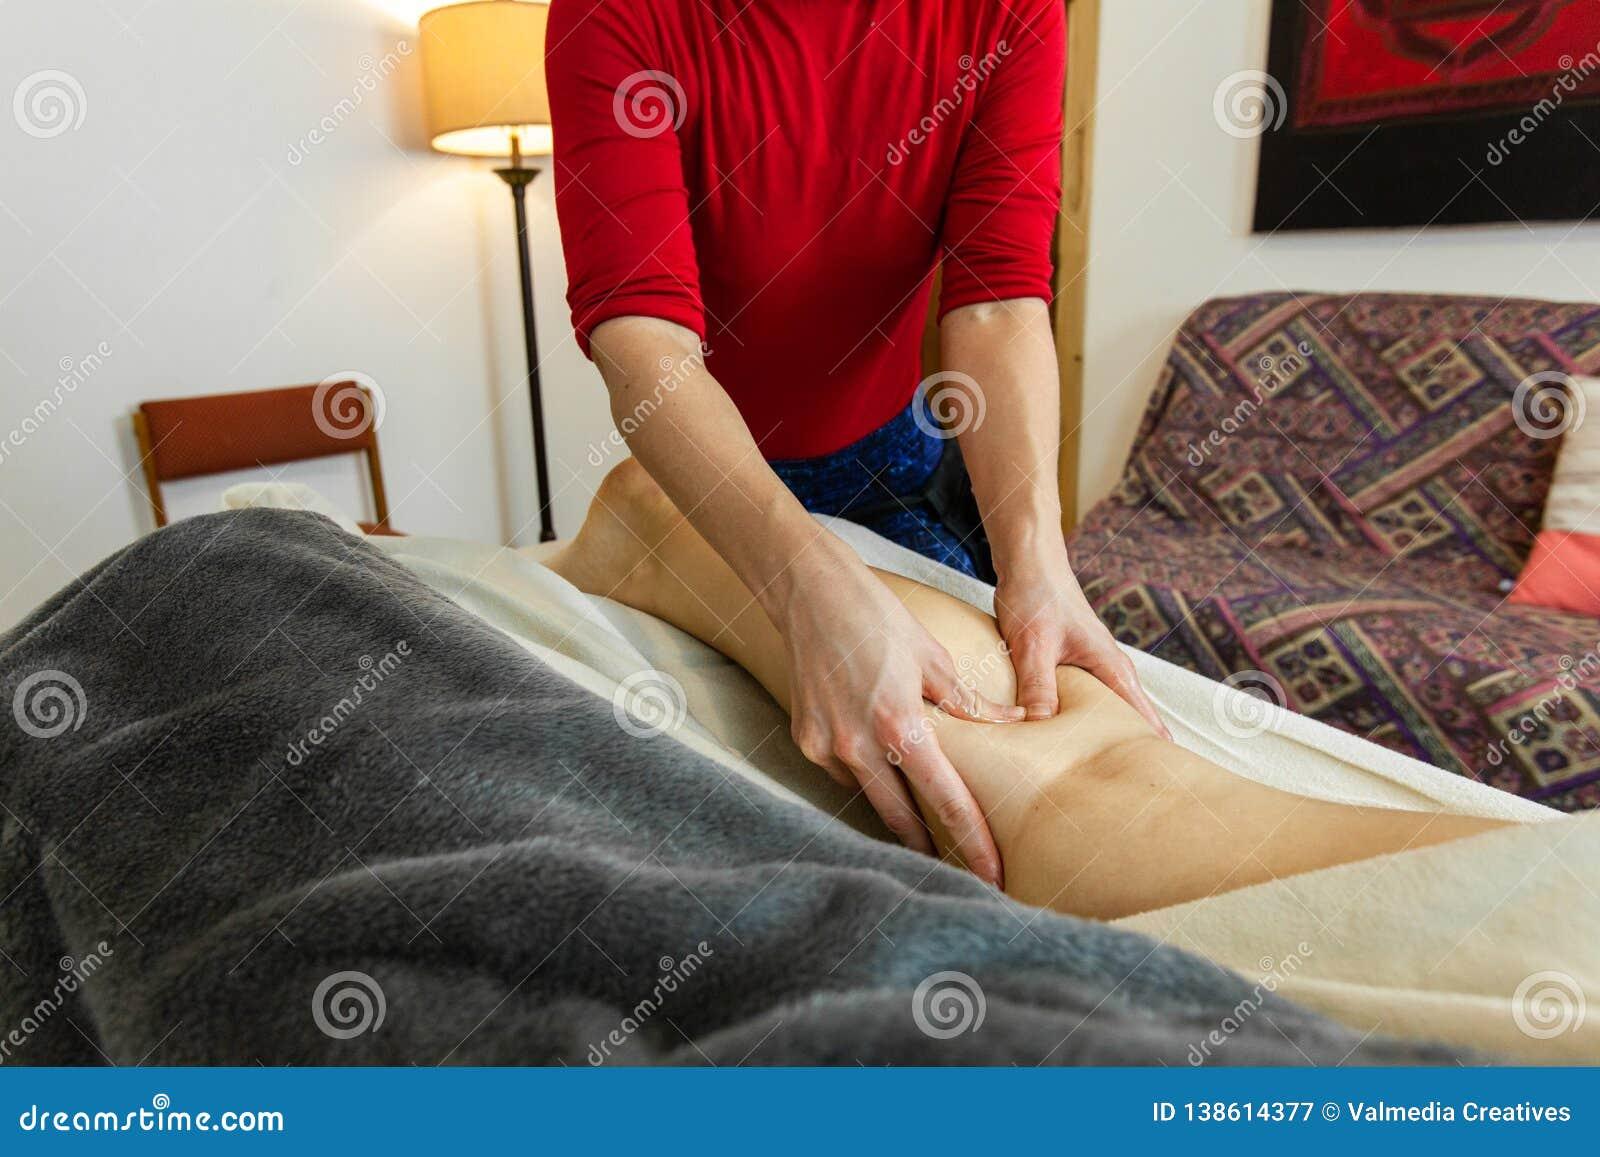 Foto hermosa de las manos de una mujer que dan un masaje profundo del tejido